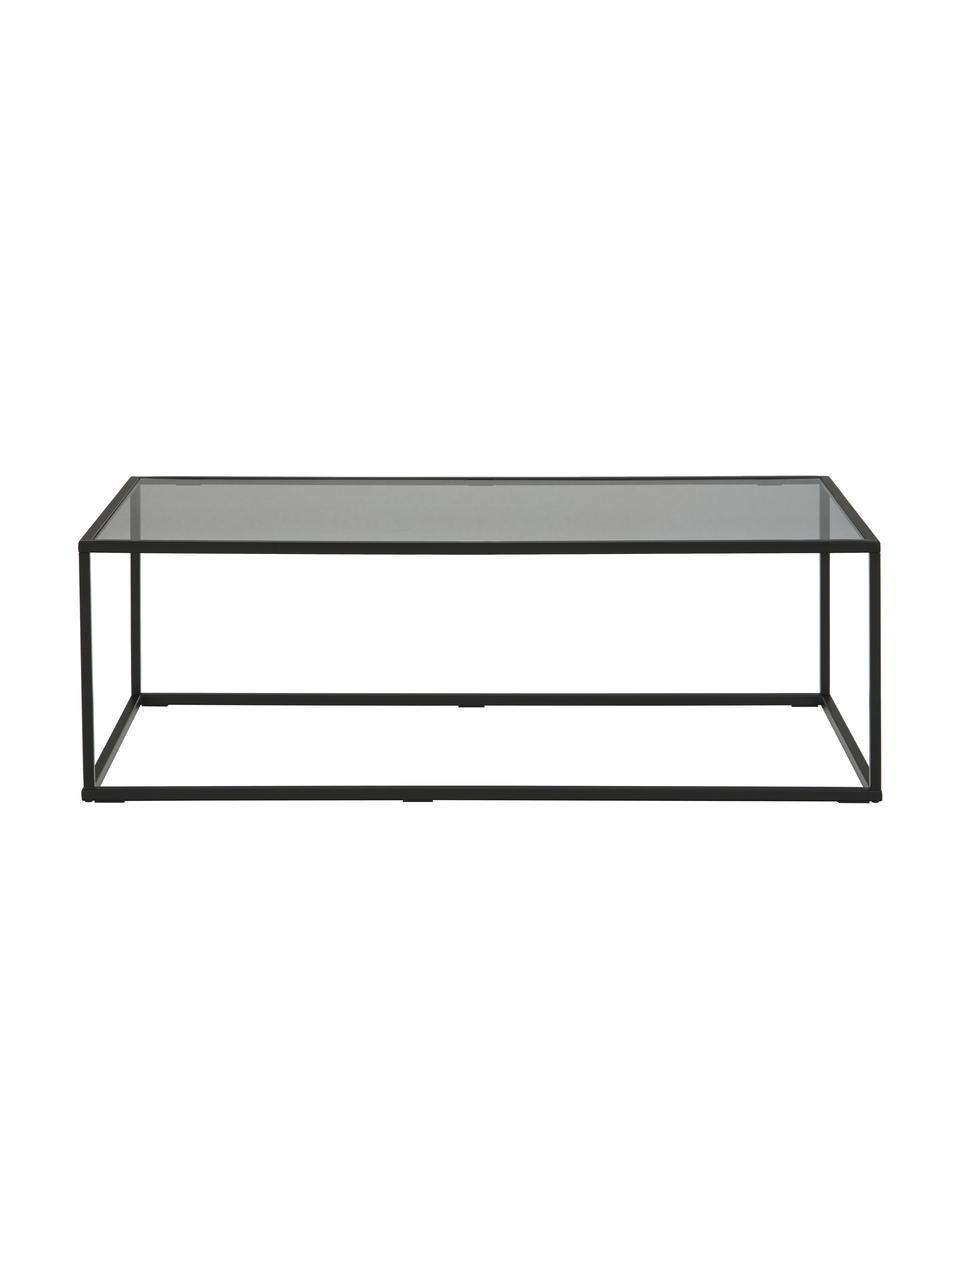 Tavolino da salotto con piano in vetro Maya, Struttura: metallo verniciato a polv, Piano: vetro tinto nero Struttura: nero opaco, Larg. 110 x Alt. 36 cm